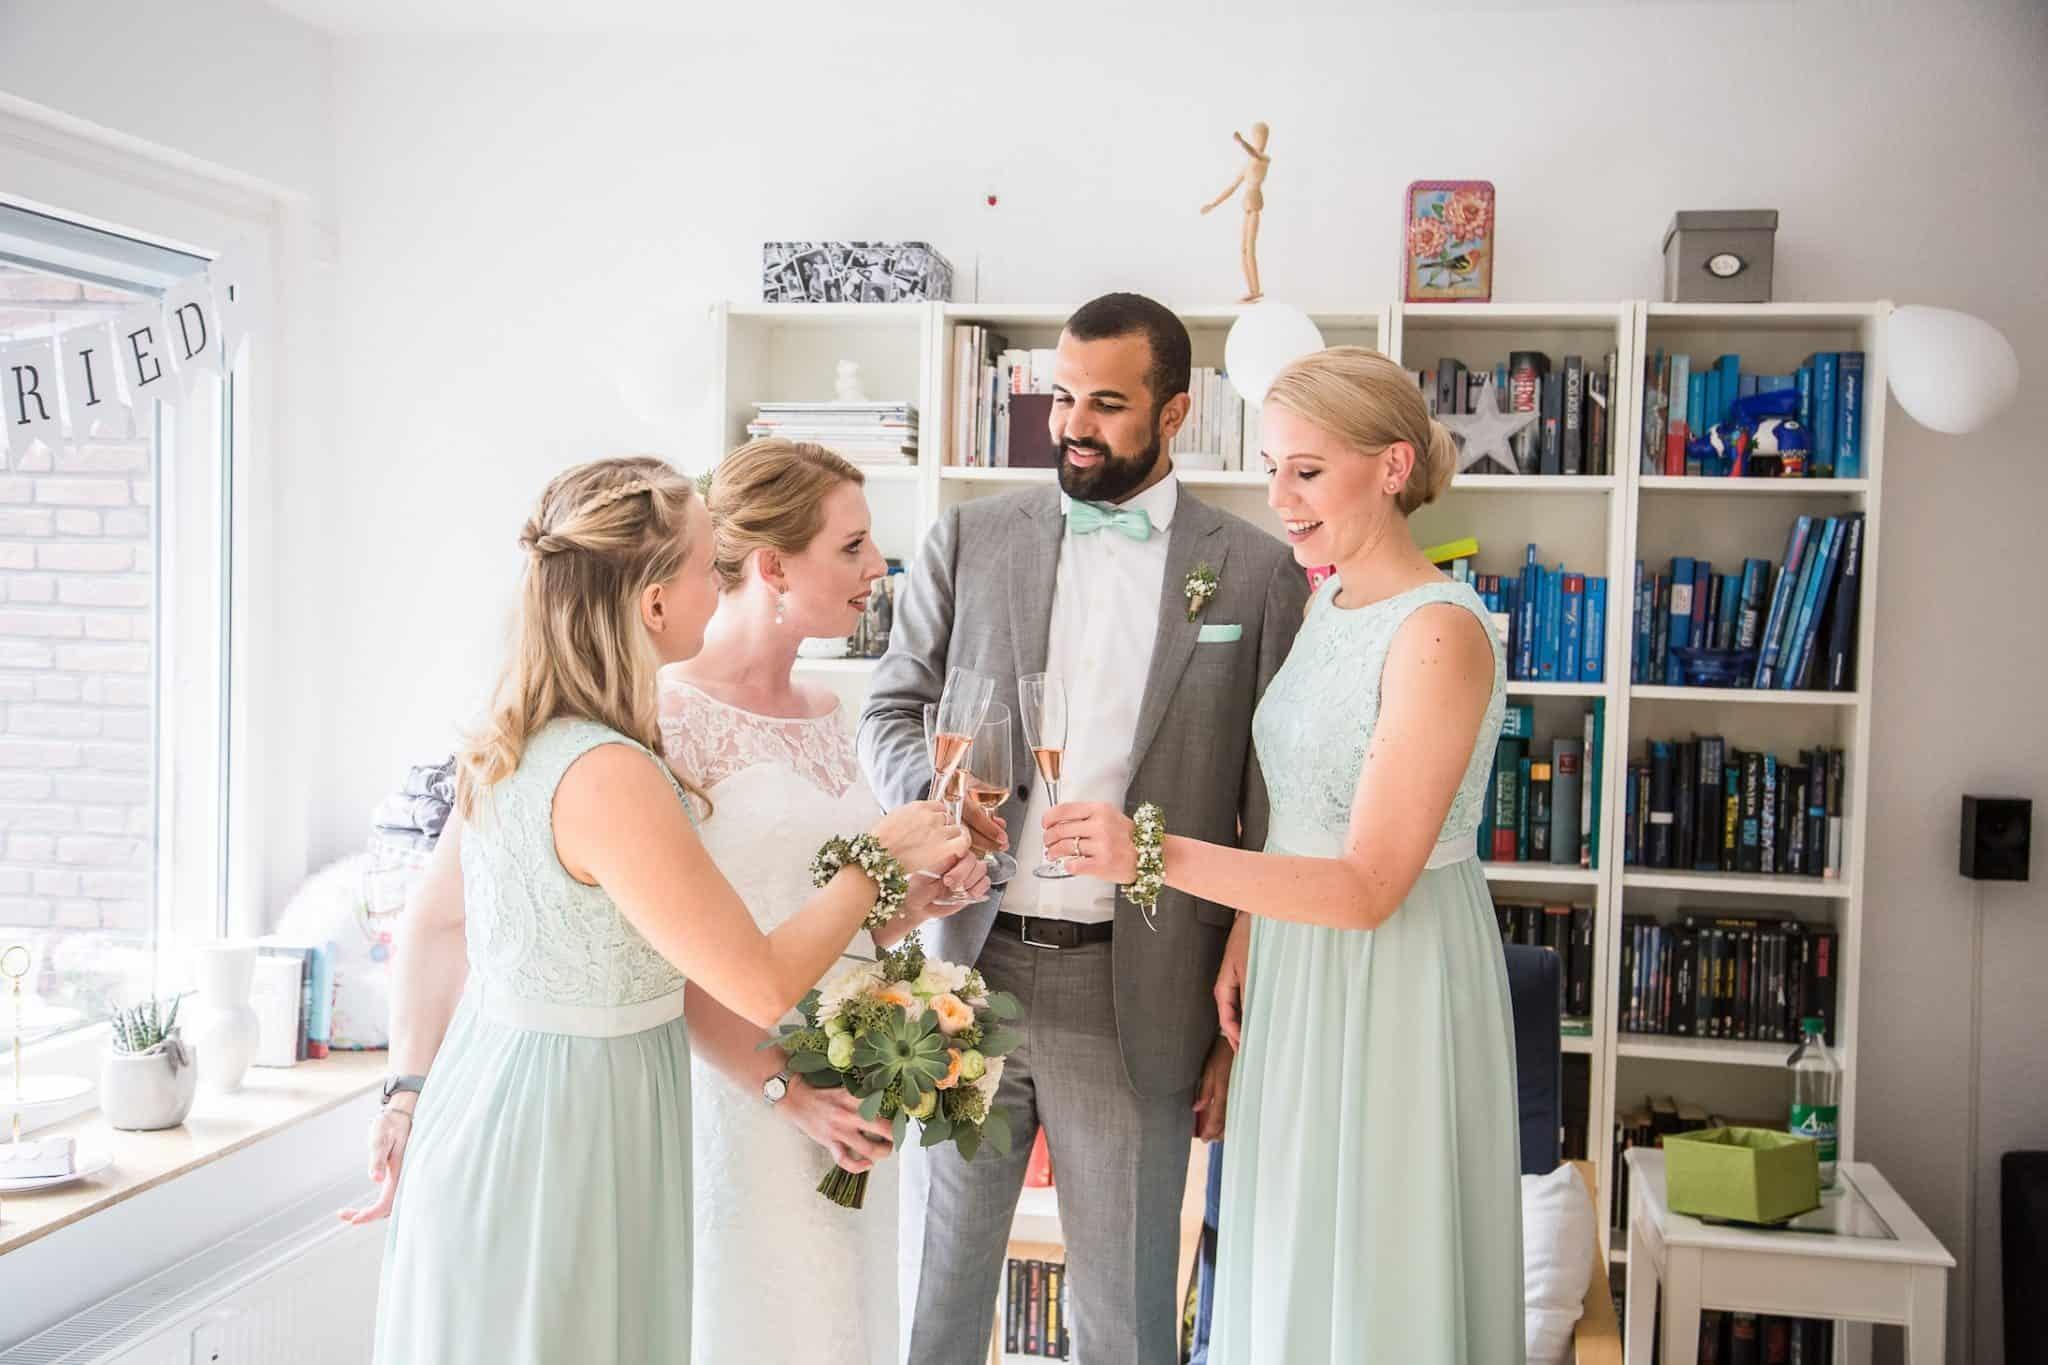 Hochzeit von Jennifer und Stefan in Münster: Braut mit ihren Freunden beim Anstoßen des Sektes